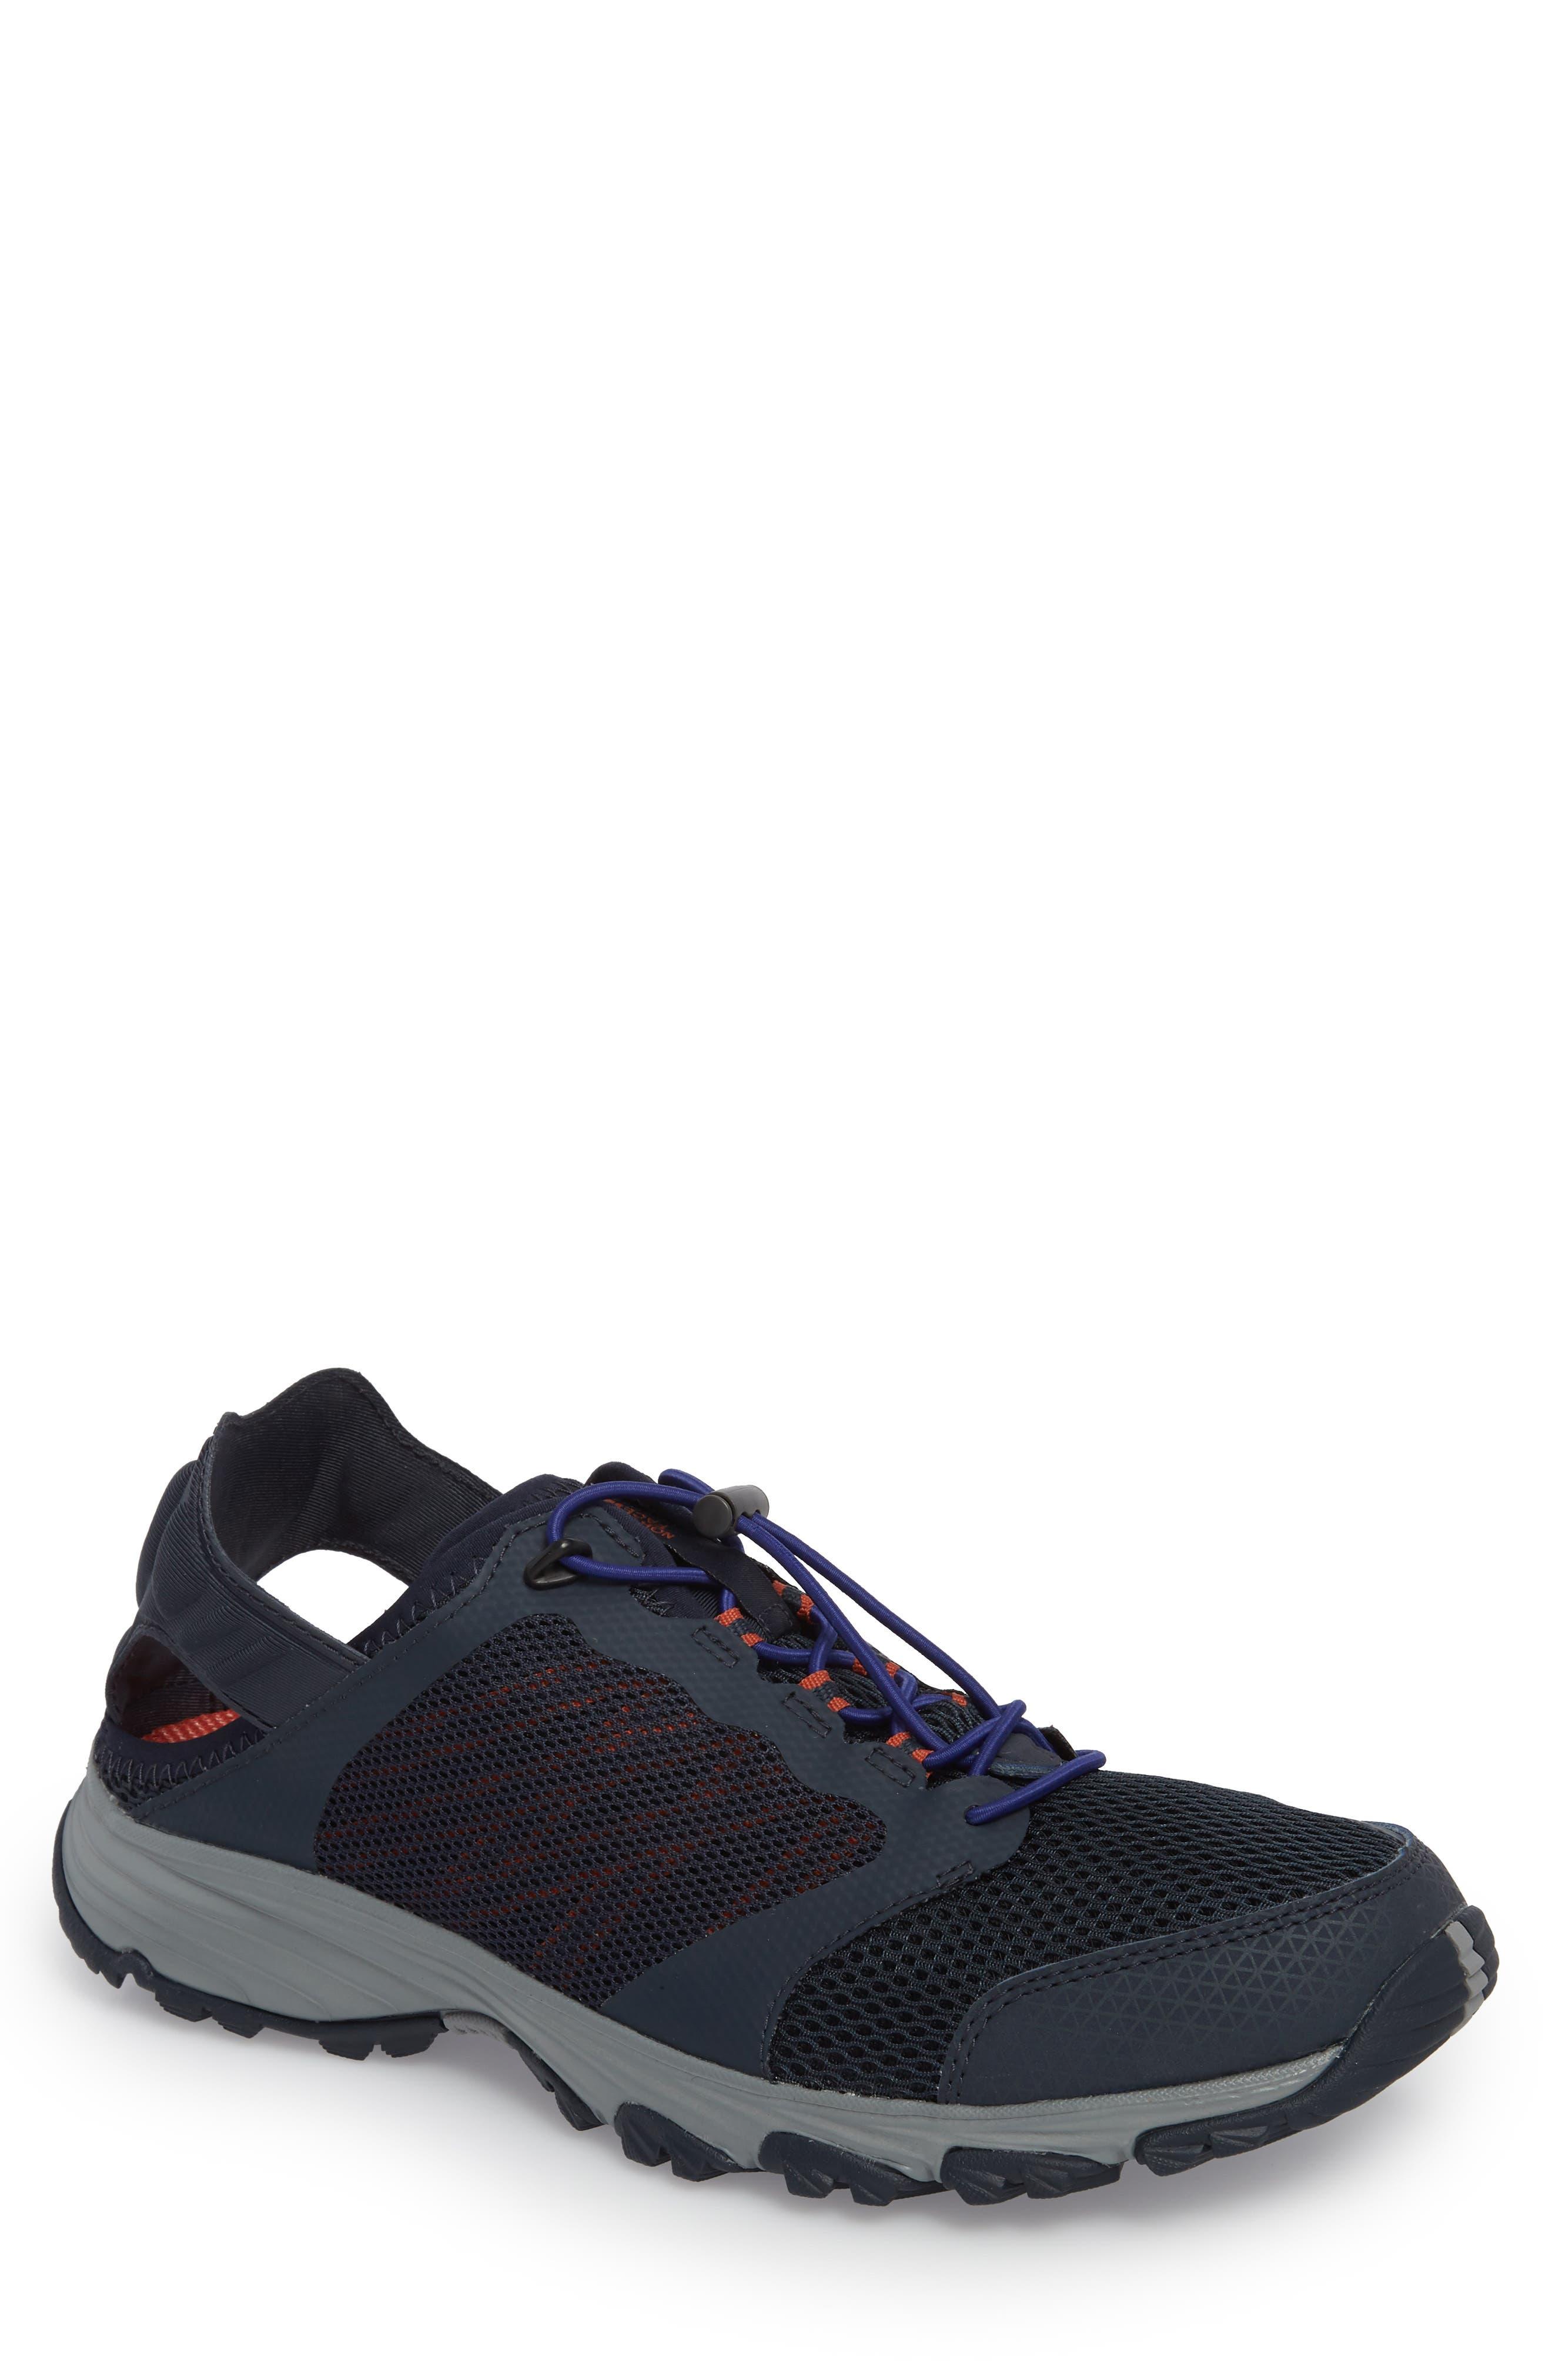 Litewave Amphibious II Collapsible Sneaker,                             Main thumbnail 1, color,                             Urban Navy/ Brit Blue